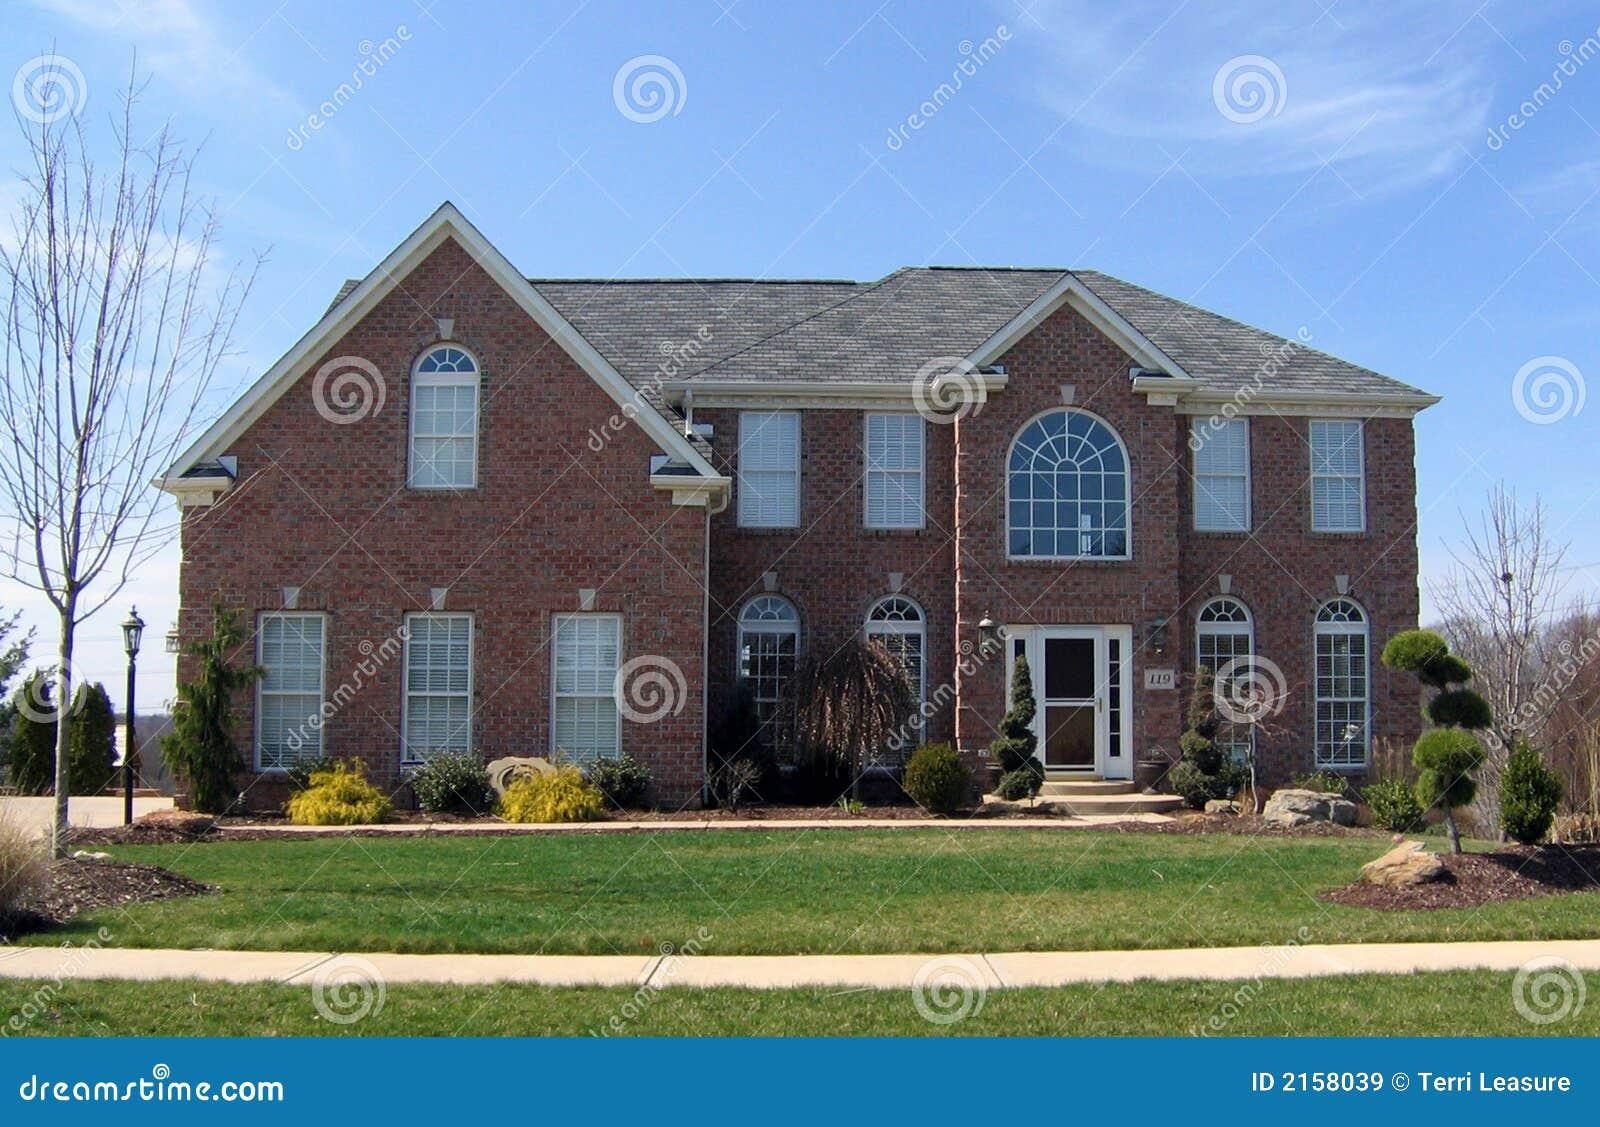 Nieuw huis stock afbeelding afbeelding bestaande uit leef 2158039 - Nieuw huis binneninrichting ...